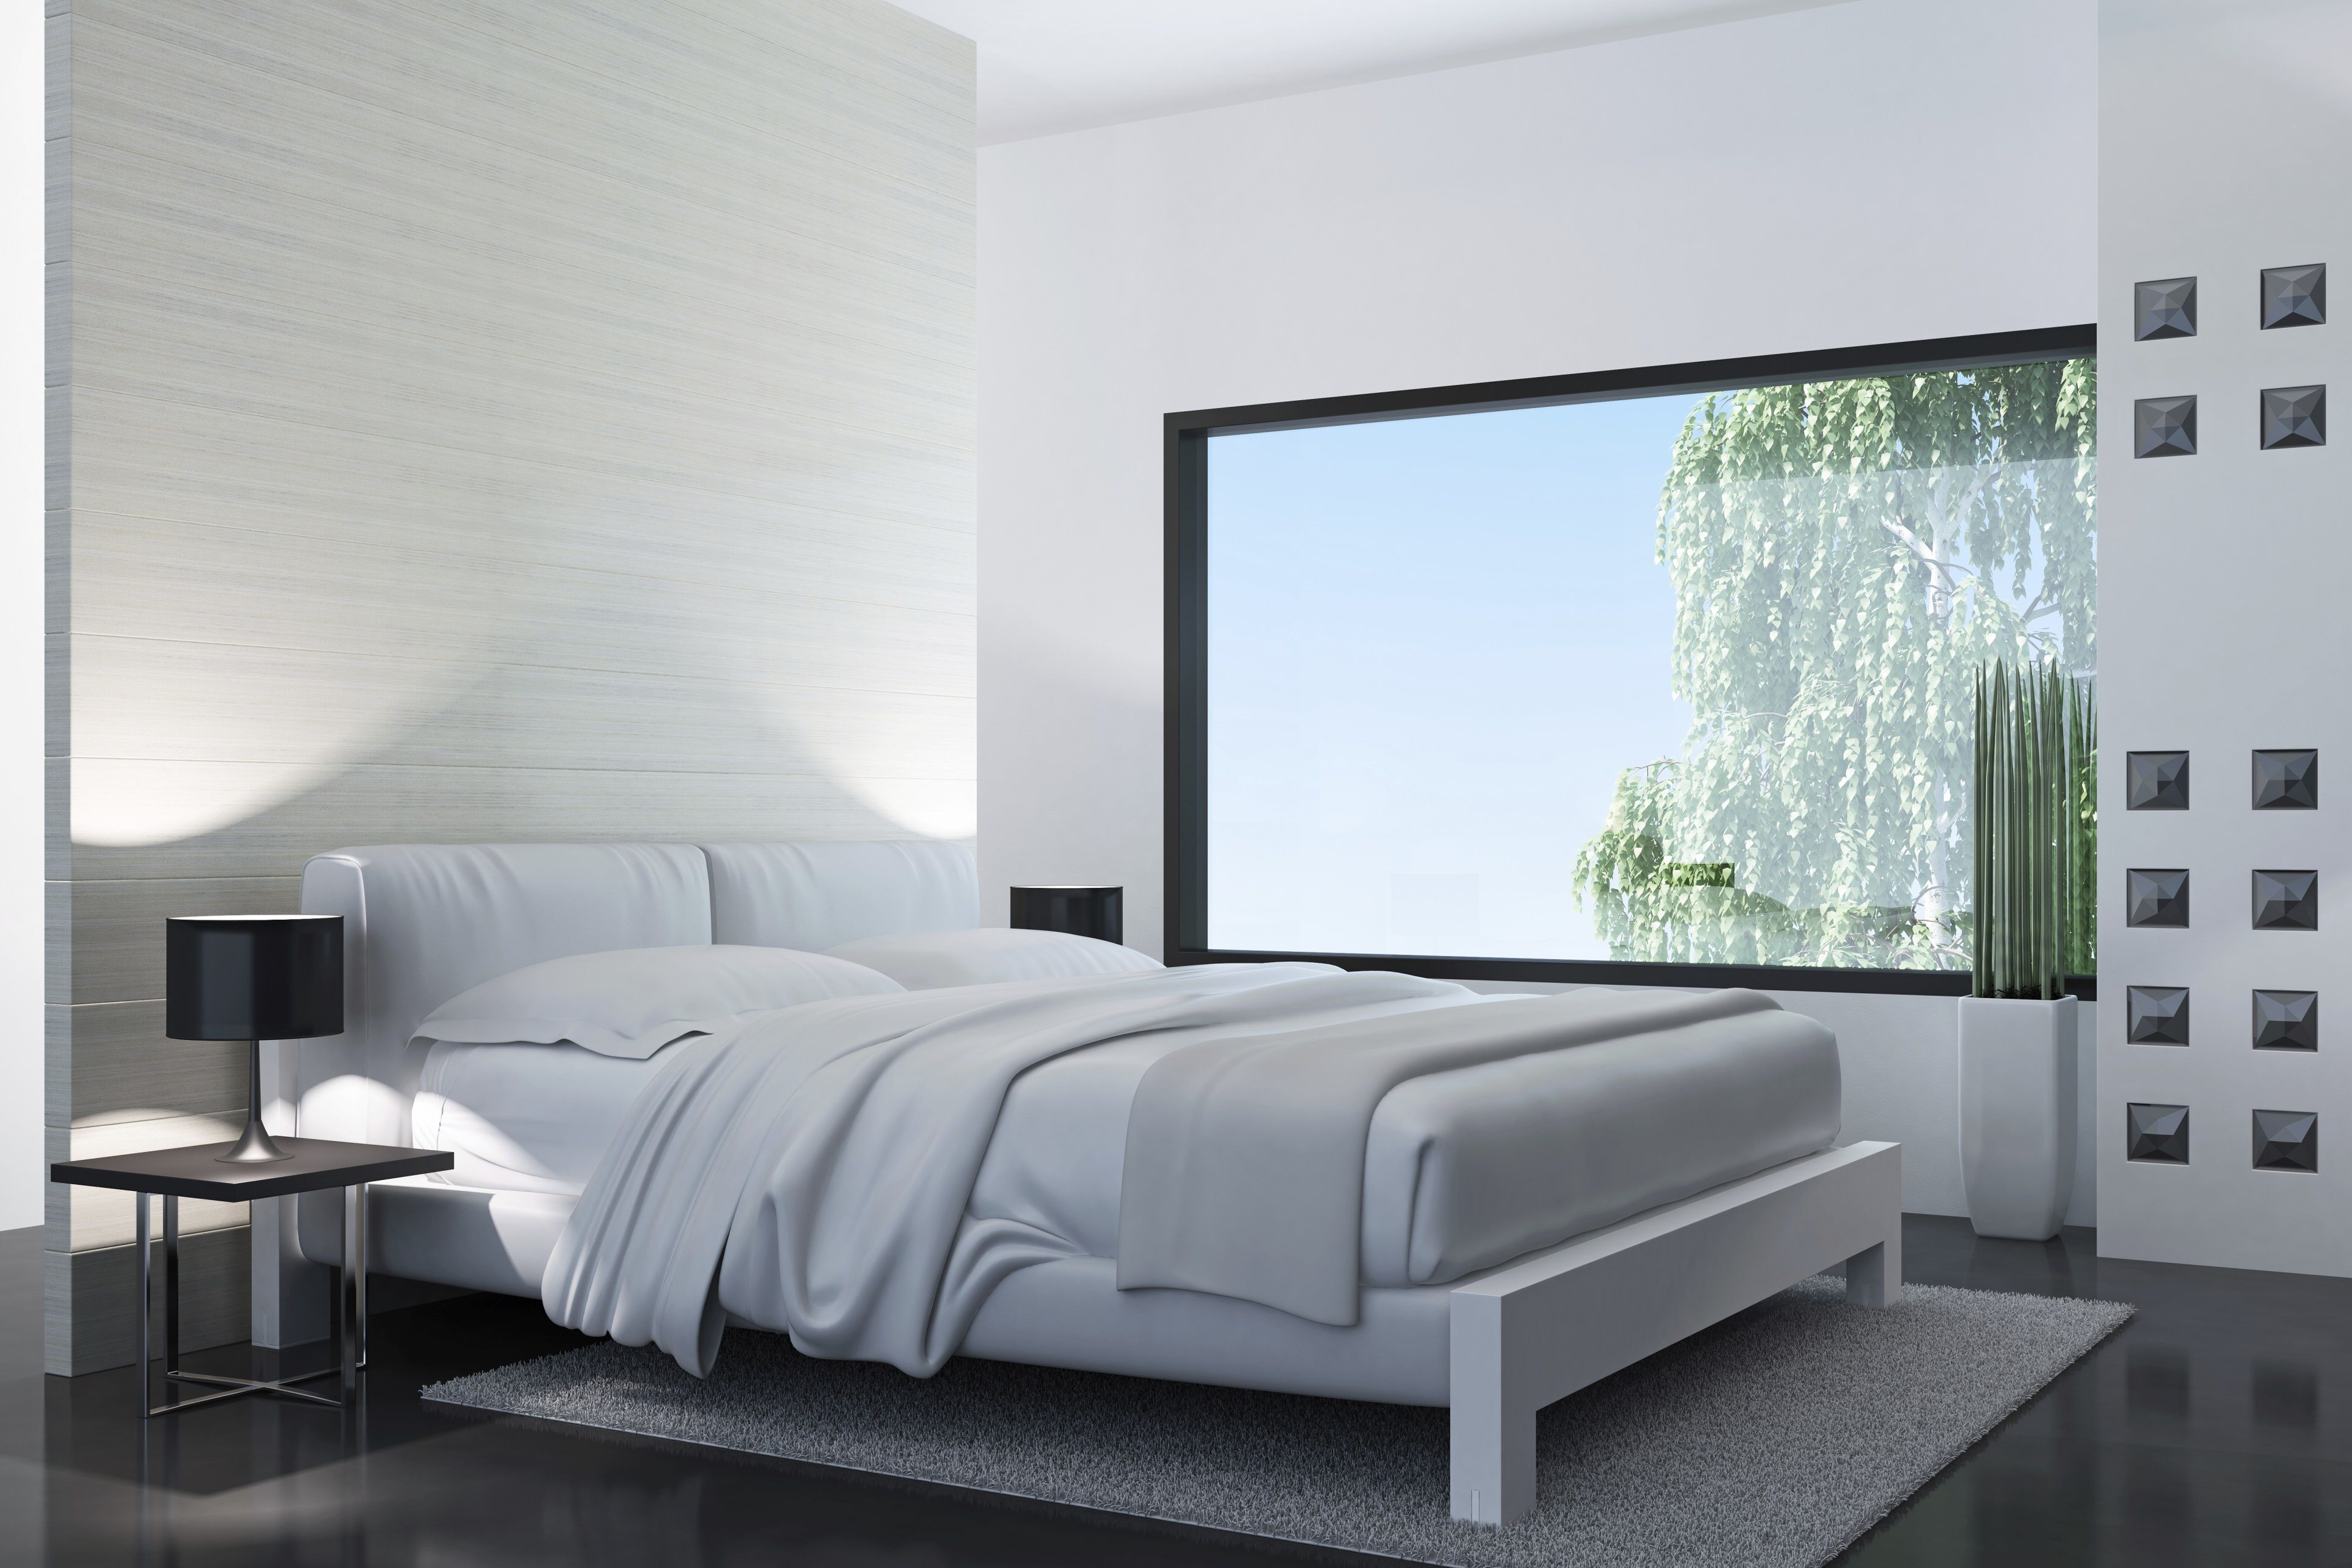 Habitación blanca moderna